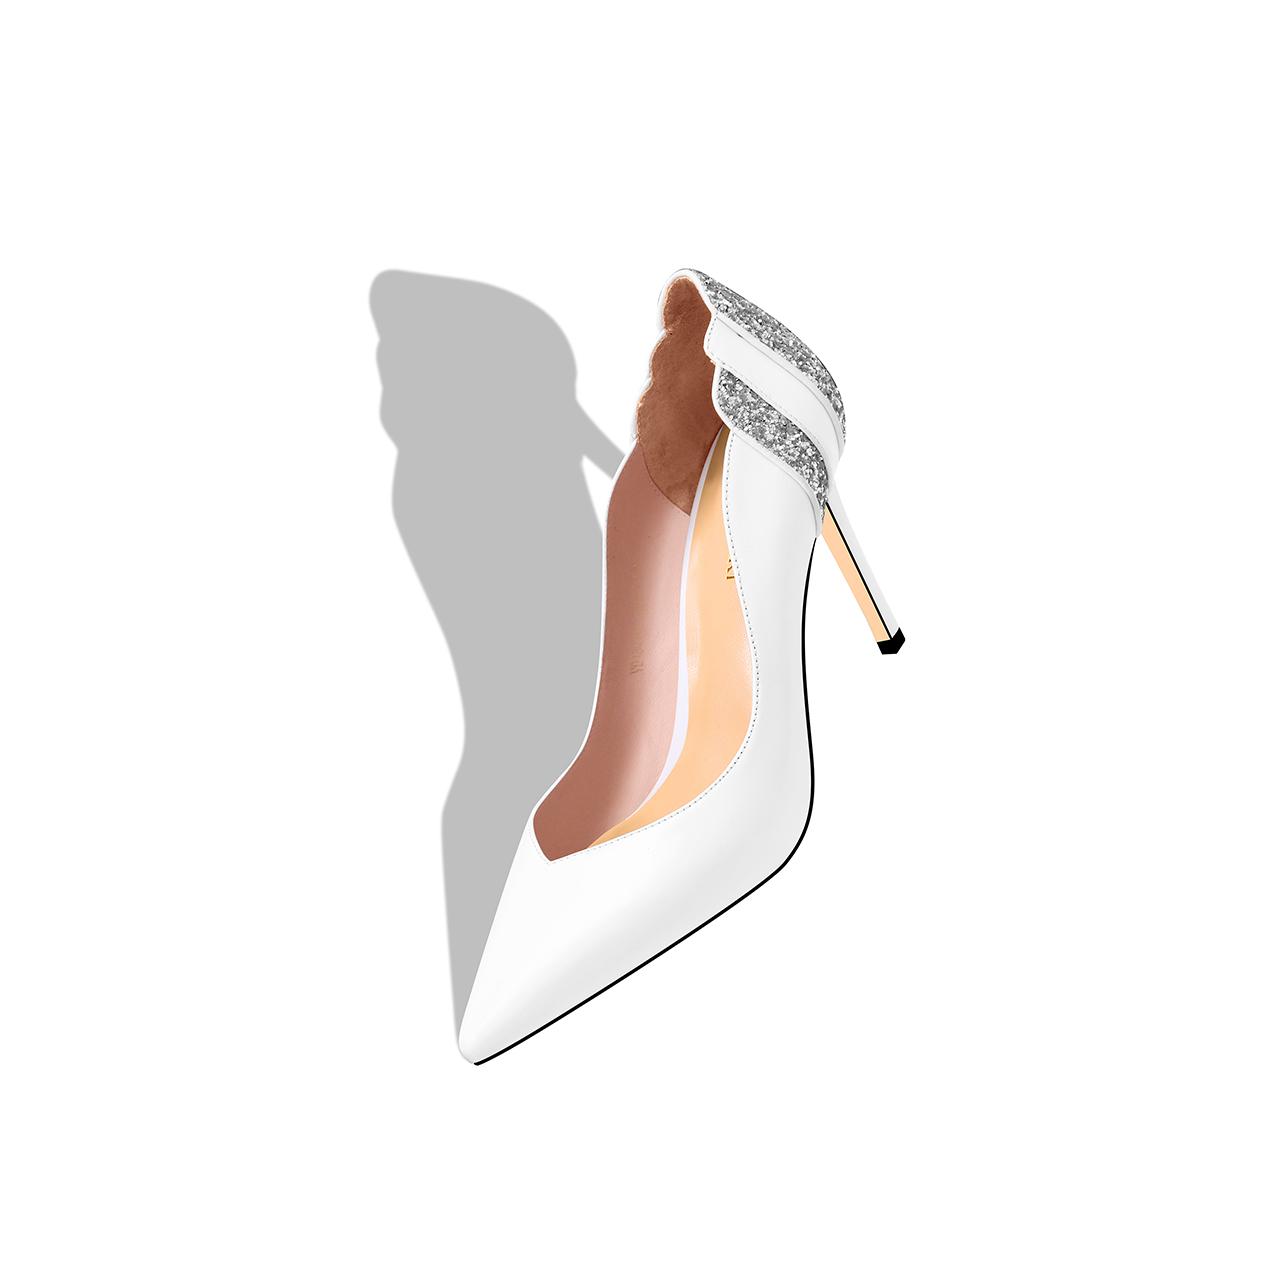 贝蒂佩琪2018秋季新款高跟鞋女细跟浅口尖头白色单鞋真皮百搭亮片